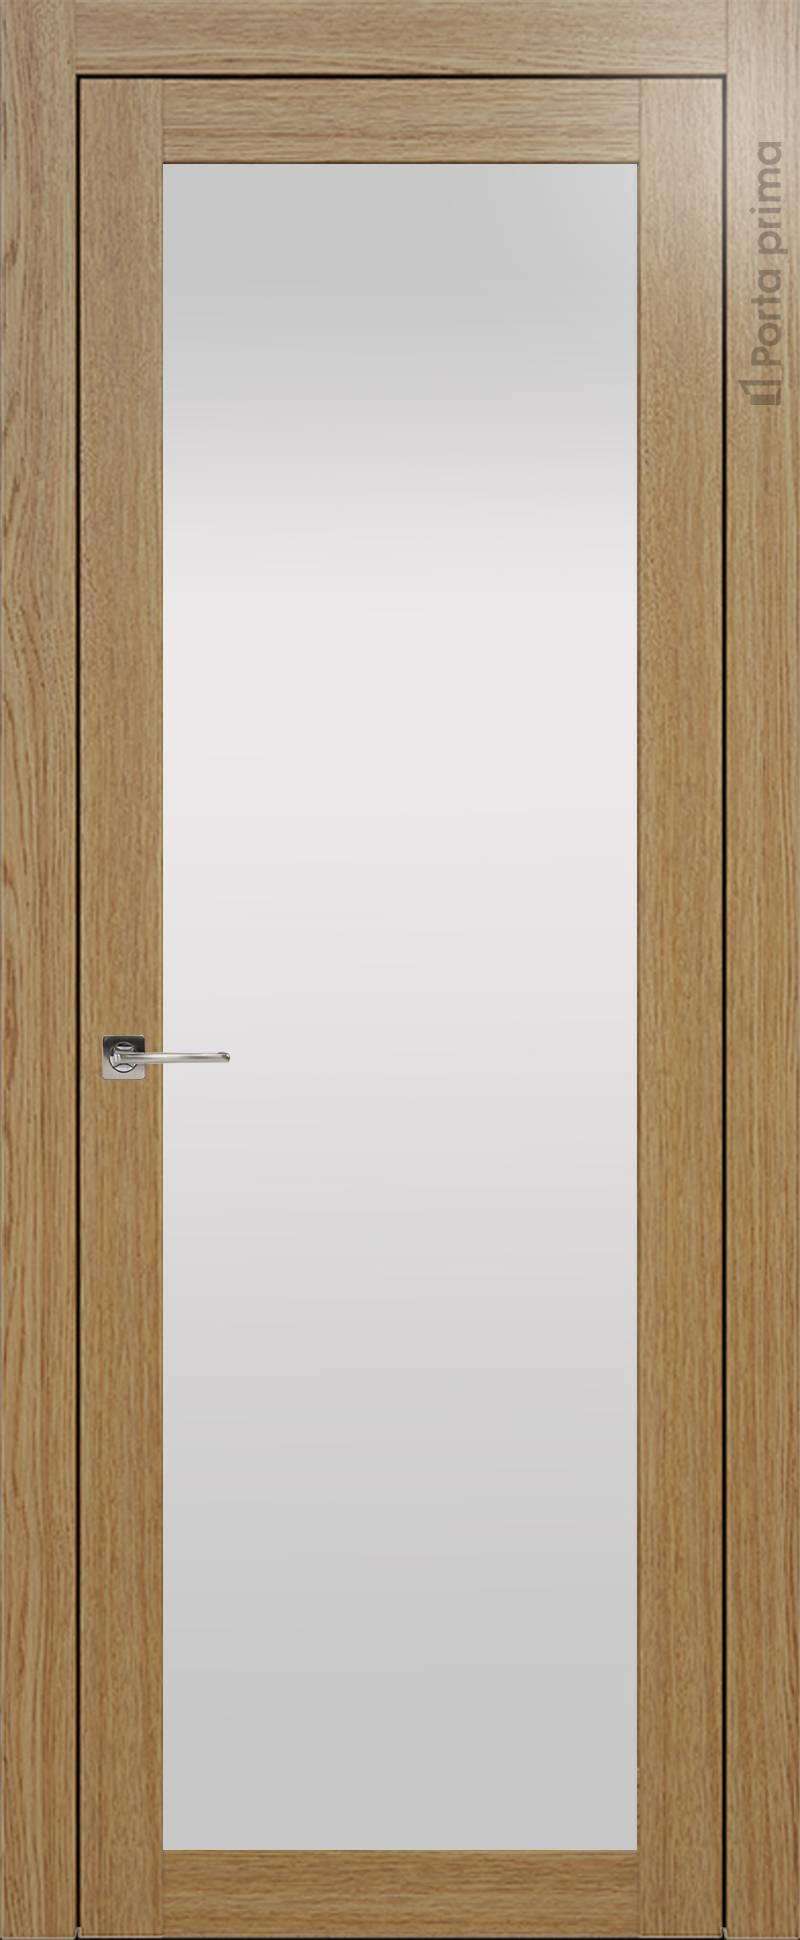 Tivoli З-1 цвет - Дуб карамель Со стеклом (ДО)